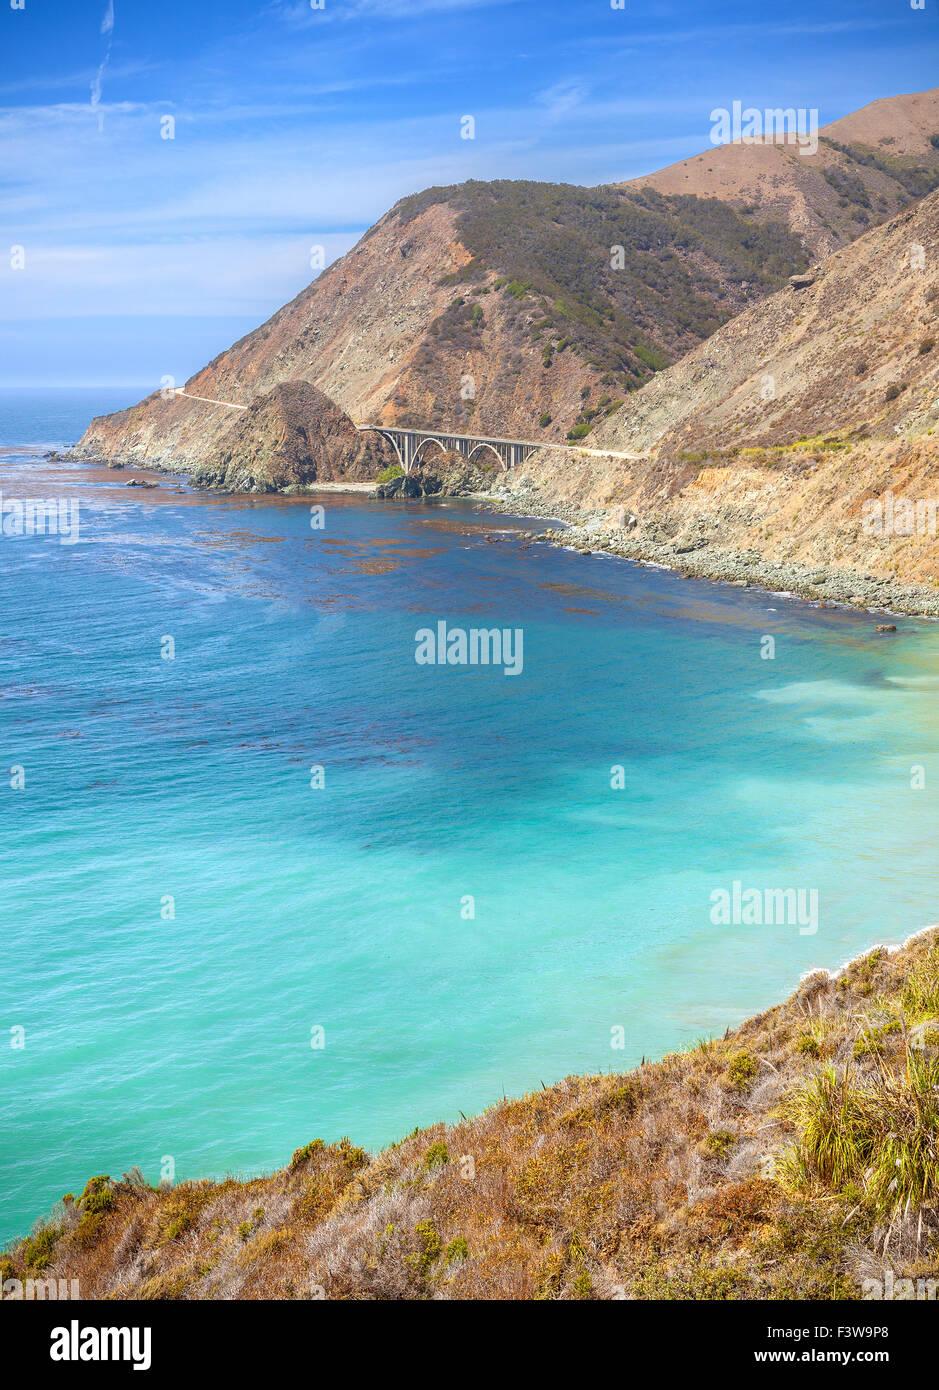 A lo largo de la costa de California Pacific Coast Highway, EE.UU.. Foto de stock